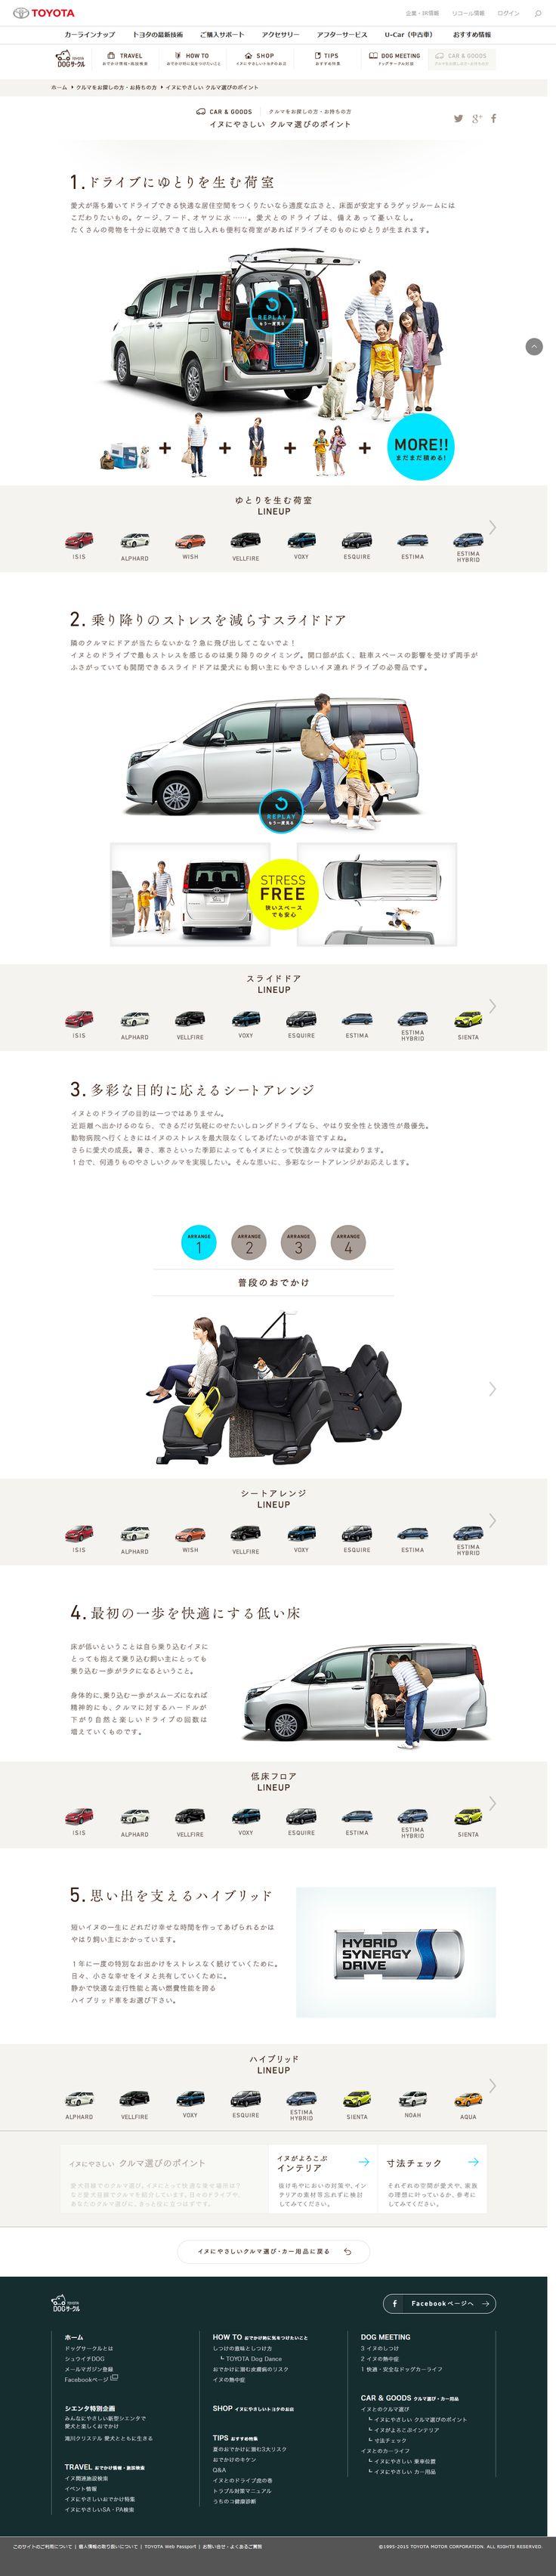 http://dog.toyota.jp/car-goods/car-select/